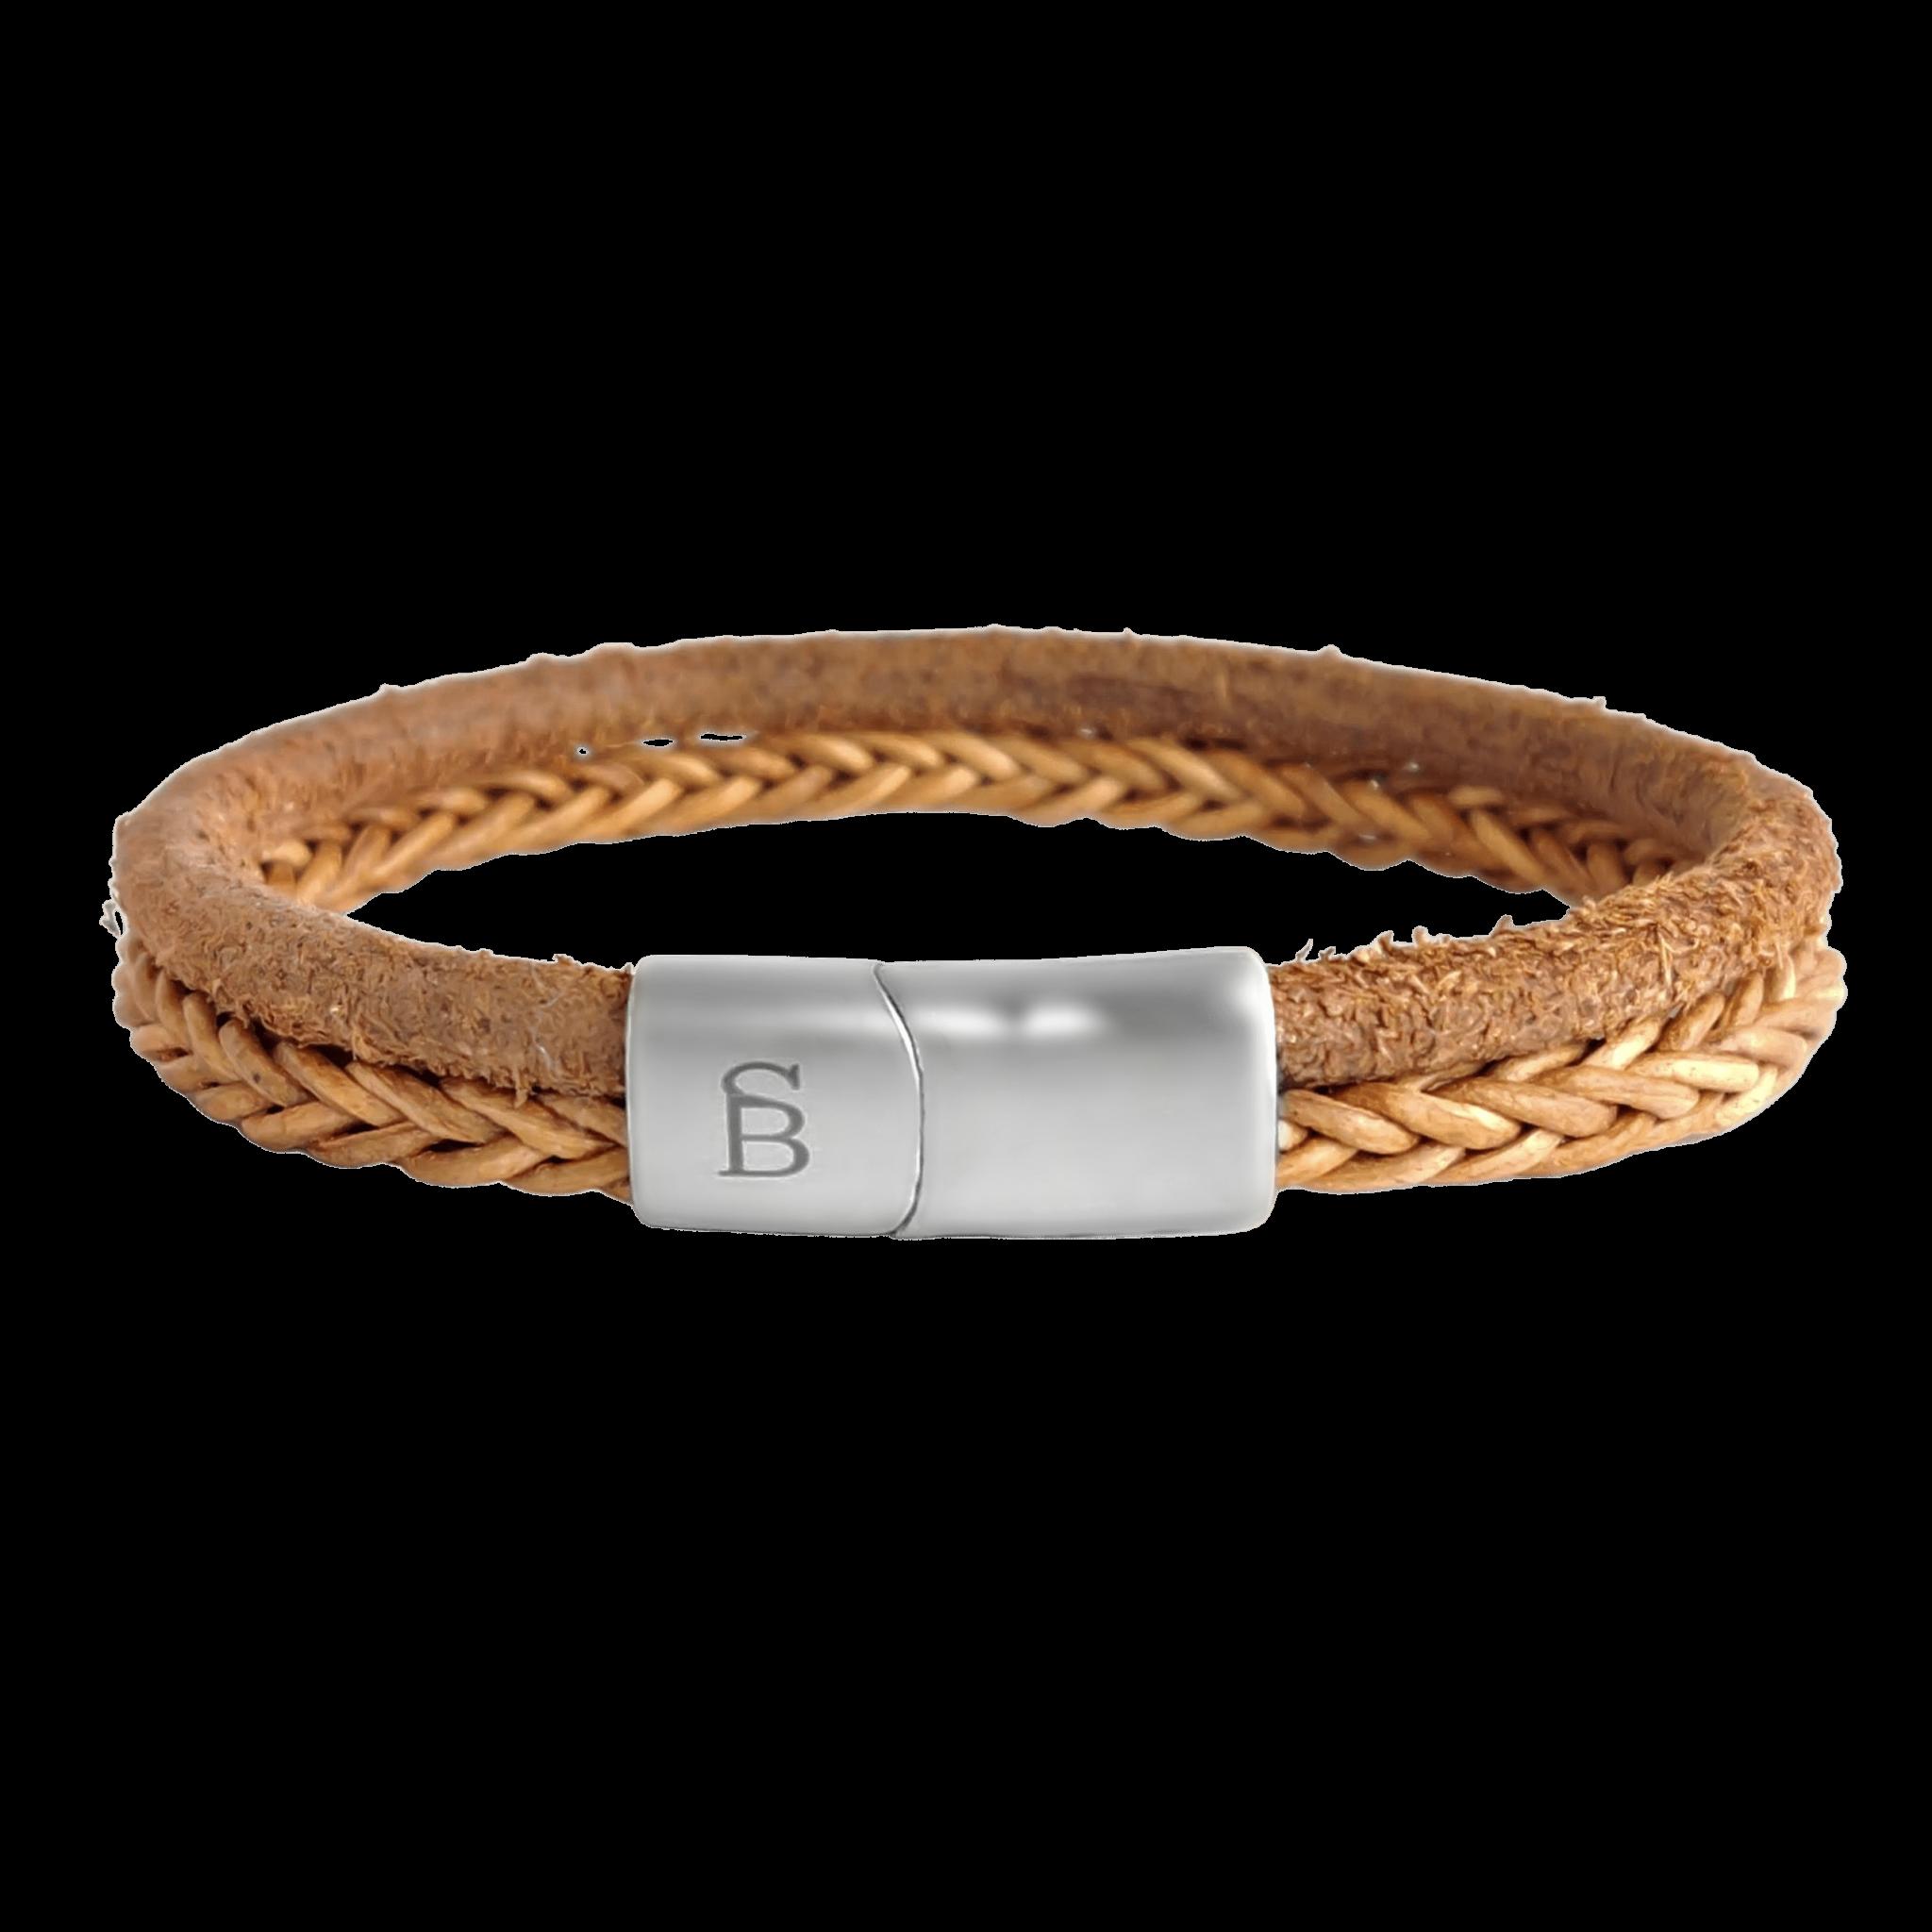 Steel & Barnett Leather bracelet Denby - Camel size M